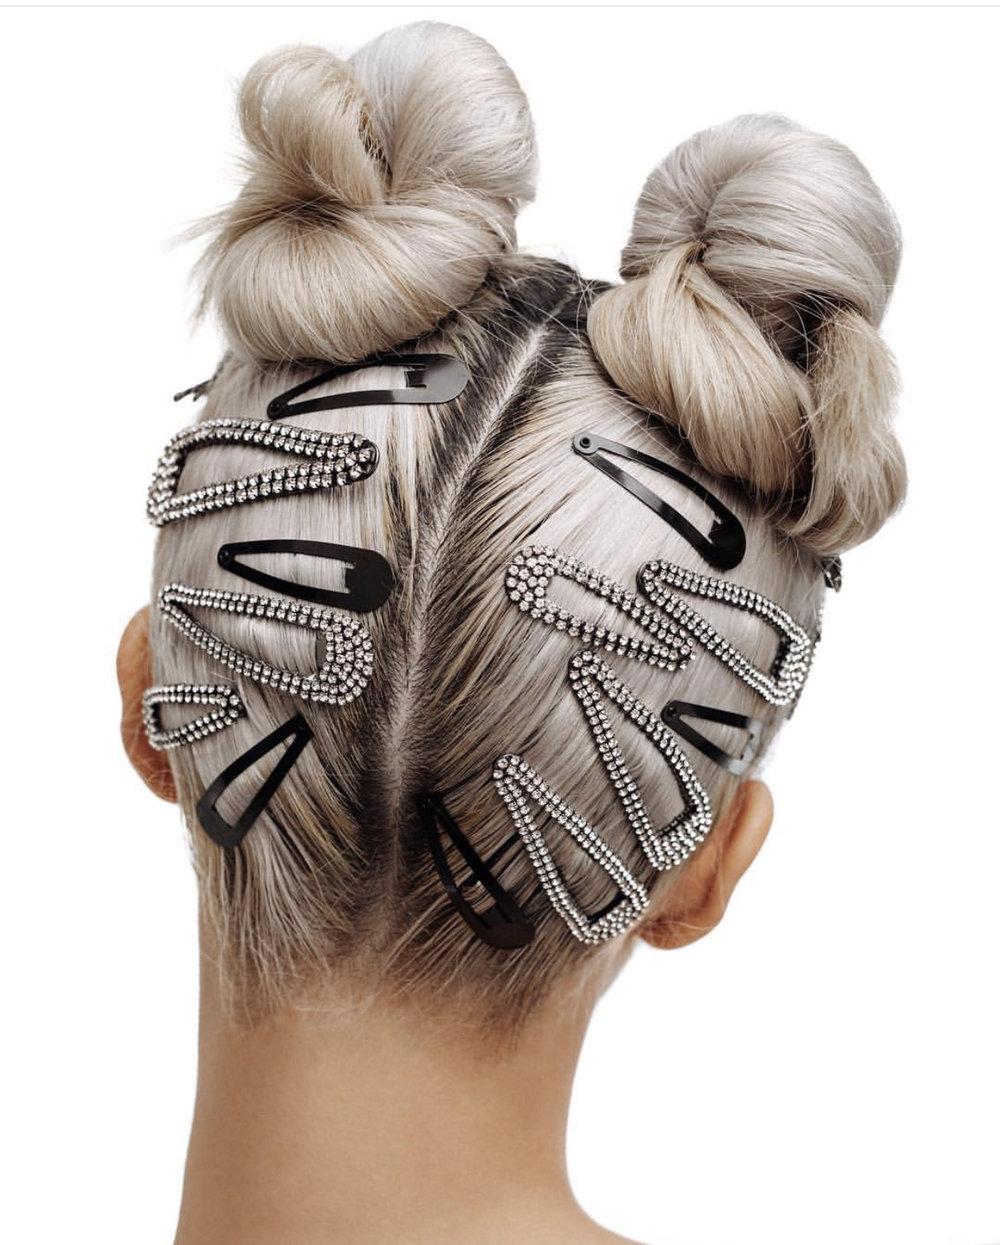 Hair acceccories tar helt av, og samme med double hairknots